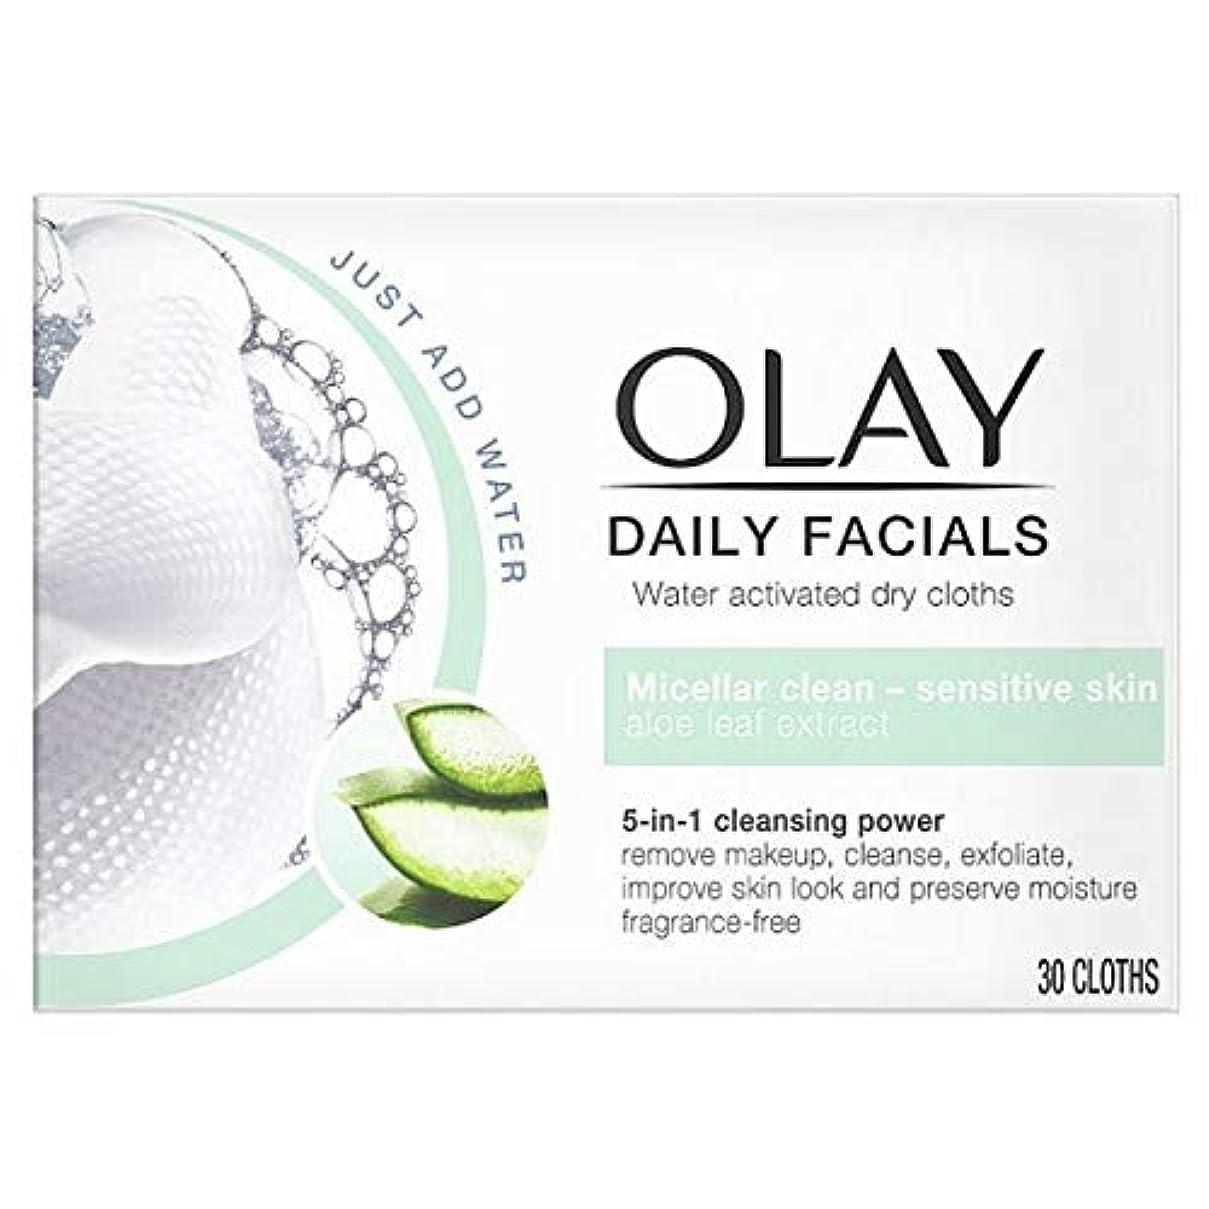 種類悲しいことに拍手する[Olay ] オーレイ毎日フェイシャル5-In1は乾燥布 - 敏感肌 - Olay Daily Facials 5-in1 Dry Cloths - Sensitive Skin [並行輸入品]